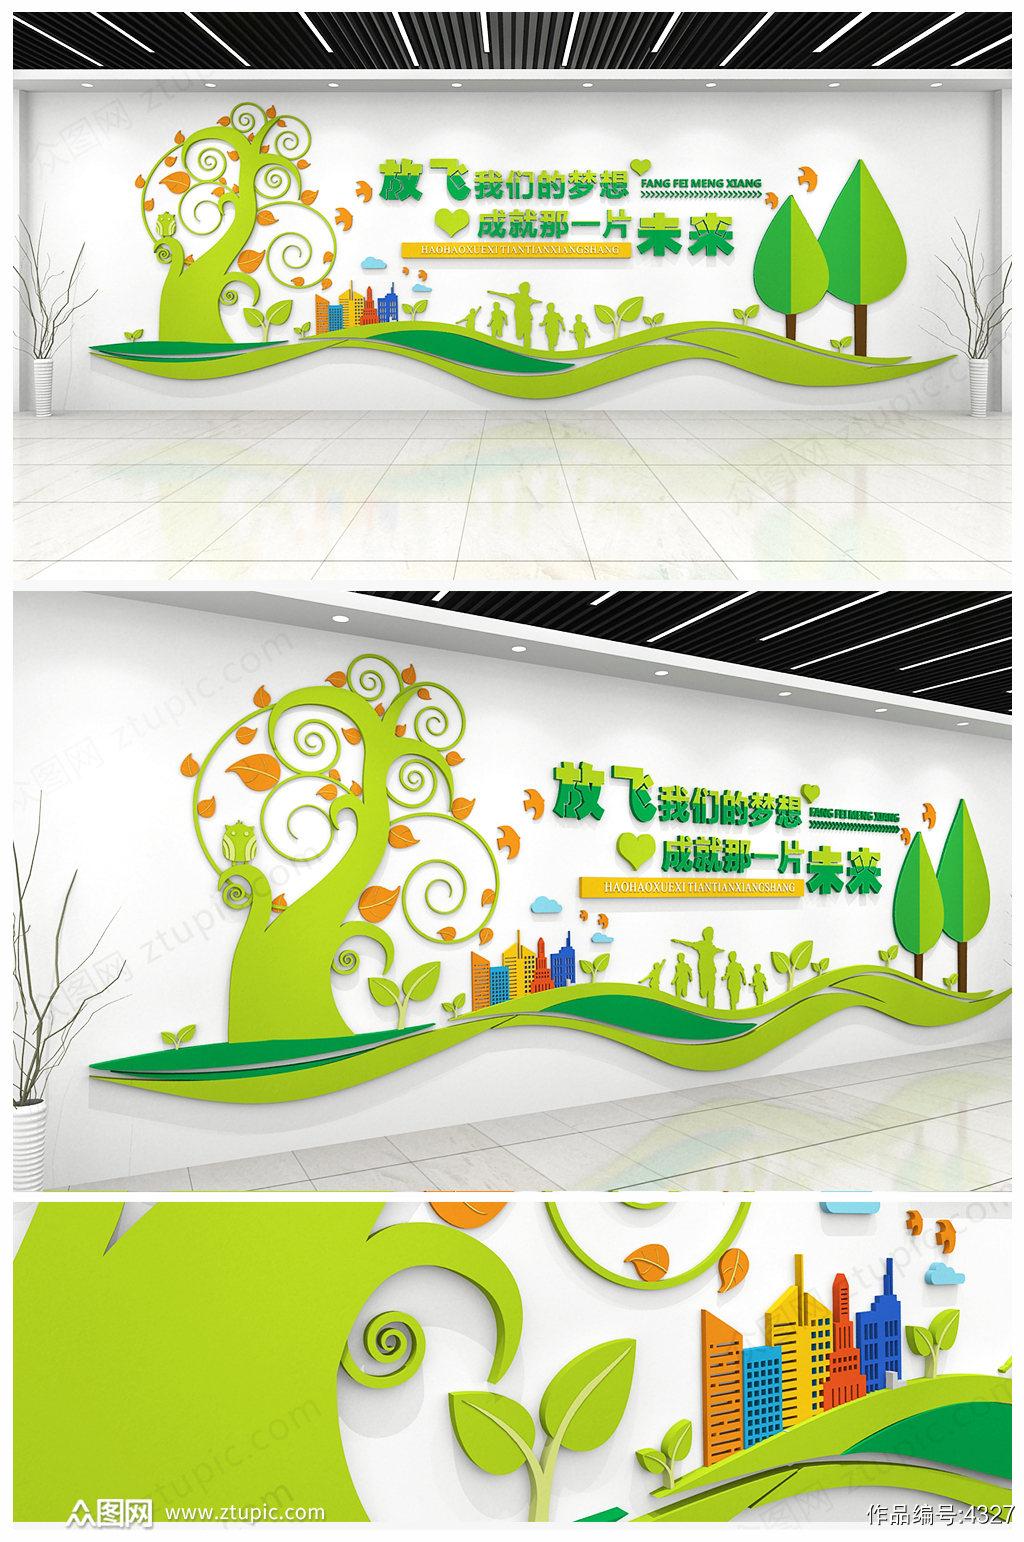 原创绿色校园文化幼儿园 班级教室环创文化墙形象墙素材